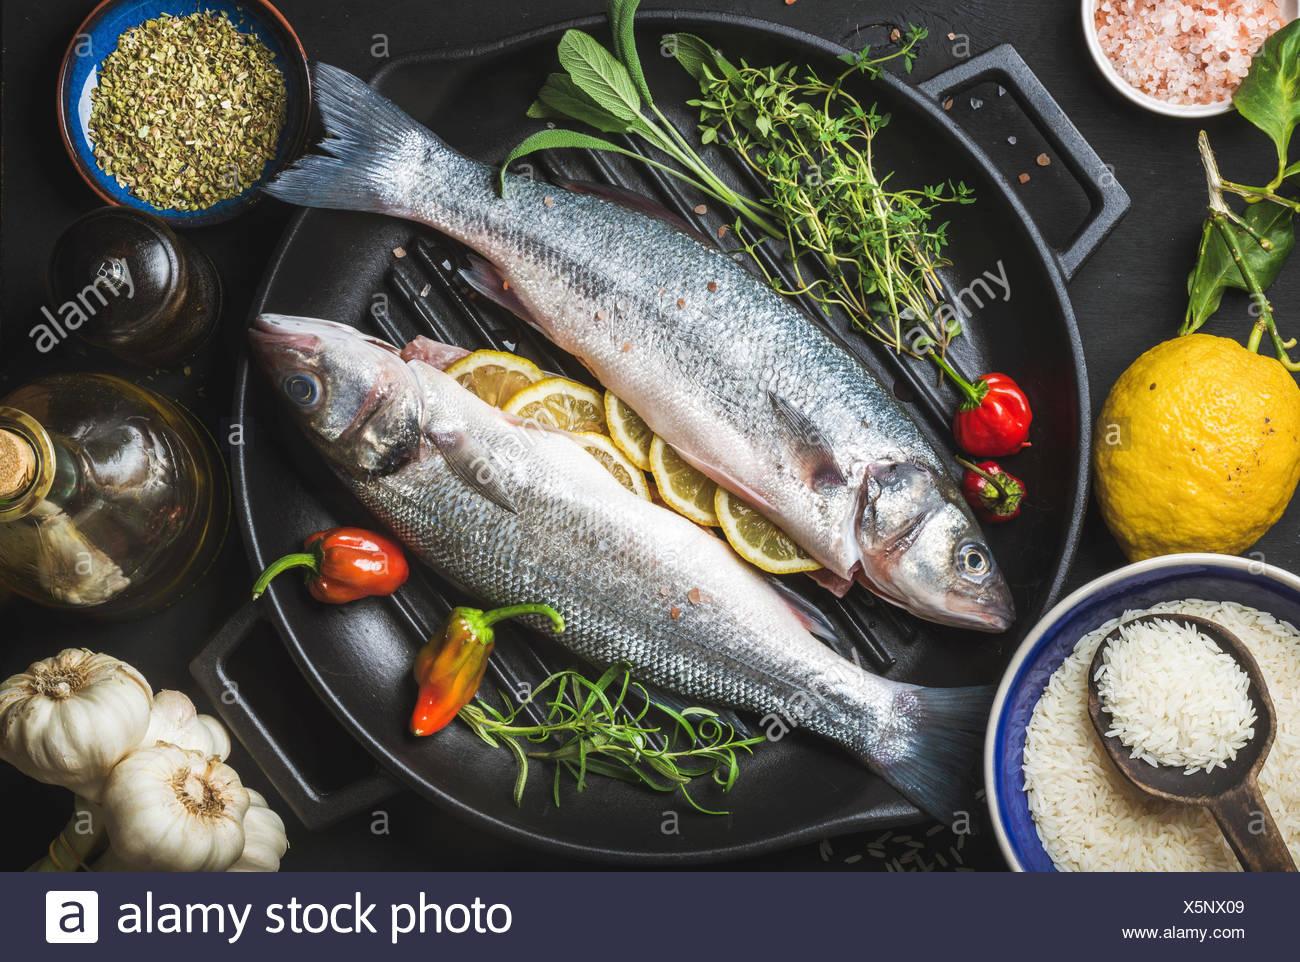 Zutaten für Cookig gesunden Fisch zum Abendessen. Rohe ungekochte Wolfsbarsch Fisch mit Reis, Zitrone, Kräuter und Gewürze auf Grillen Eisen schwarz Stockfoto